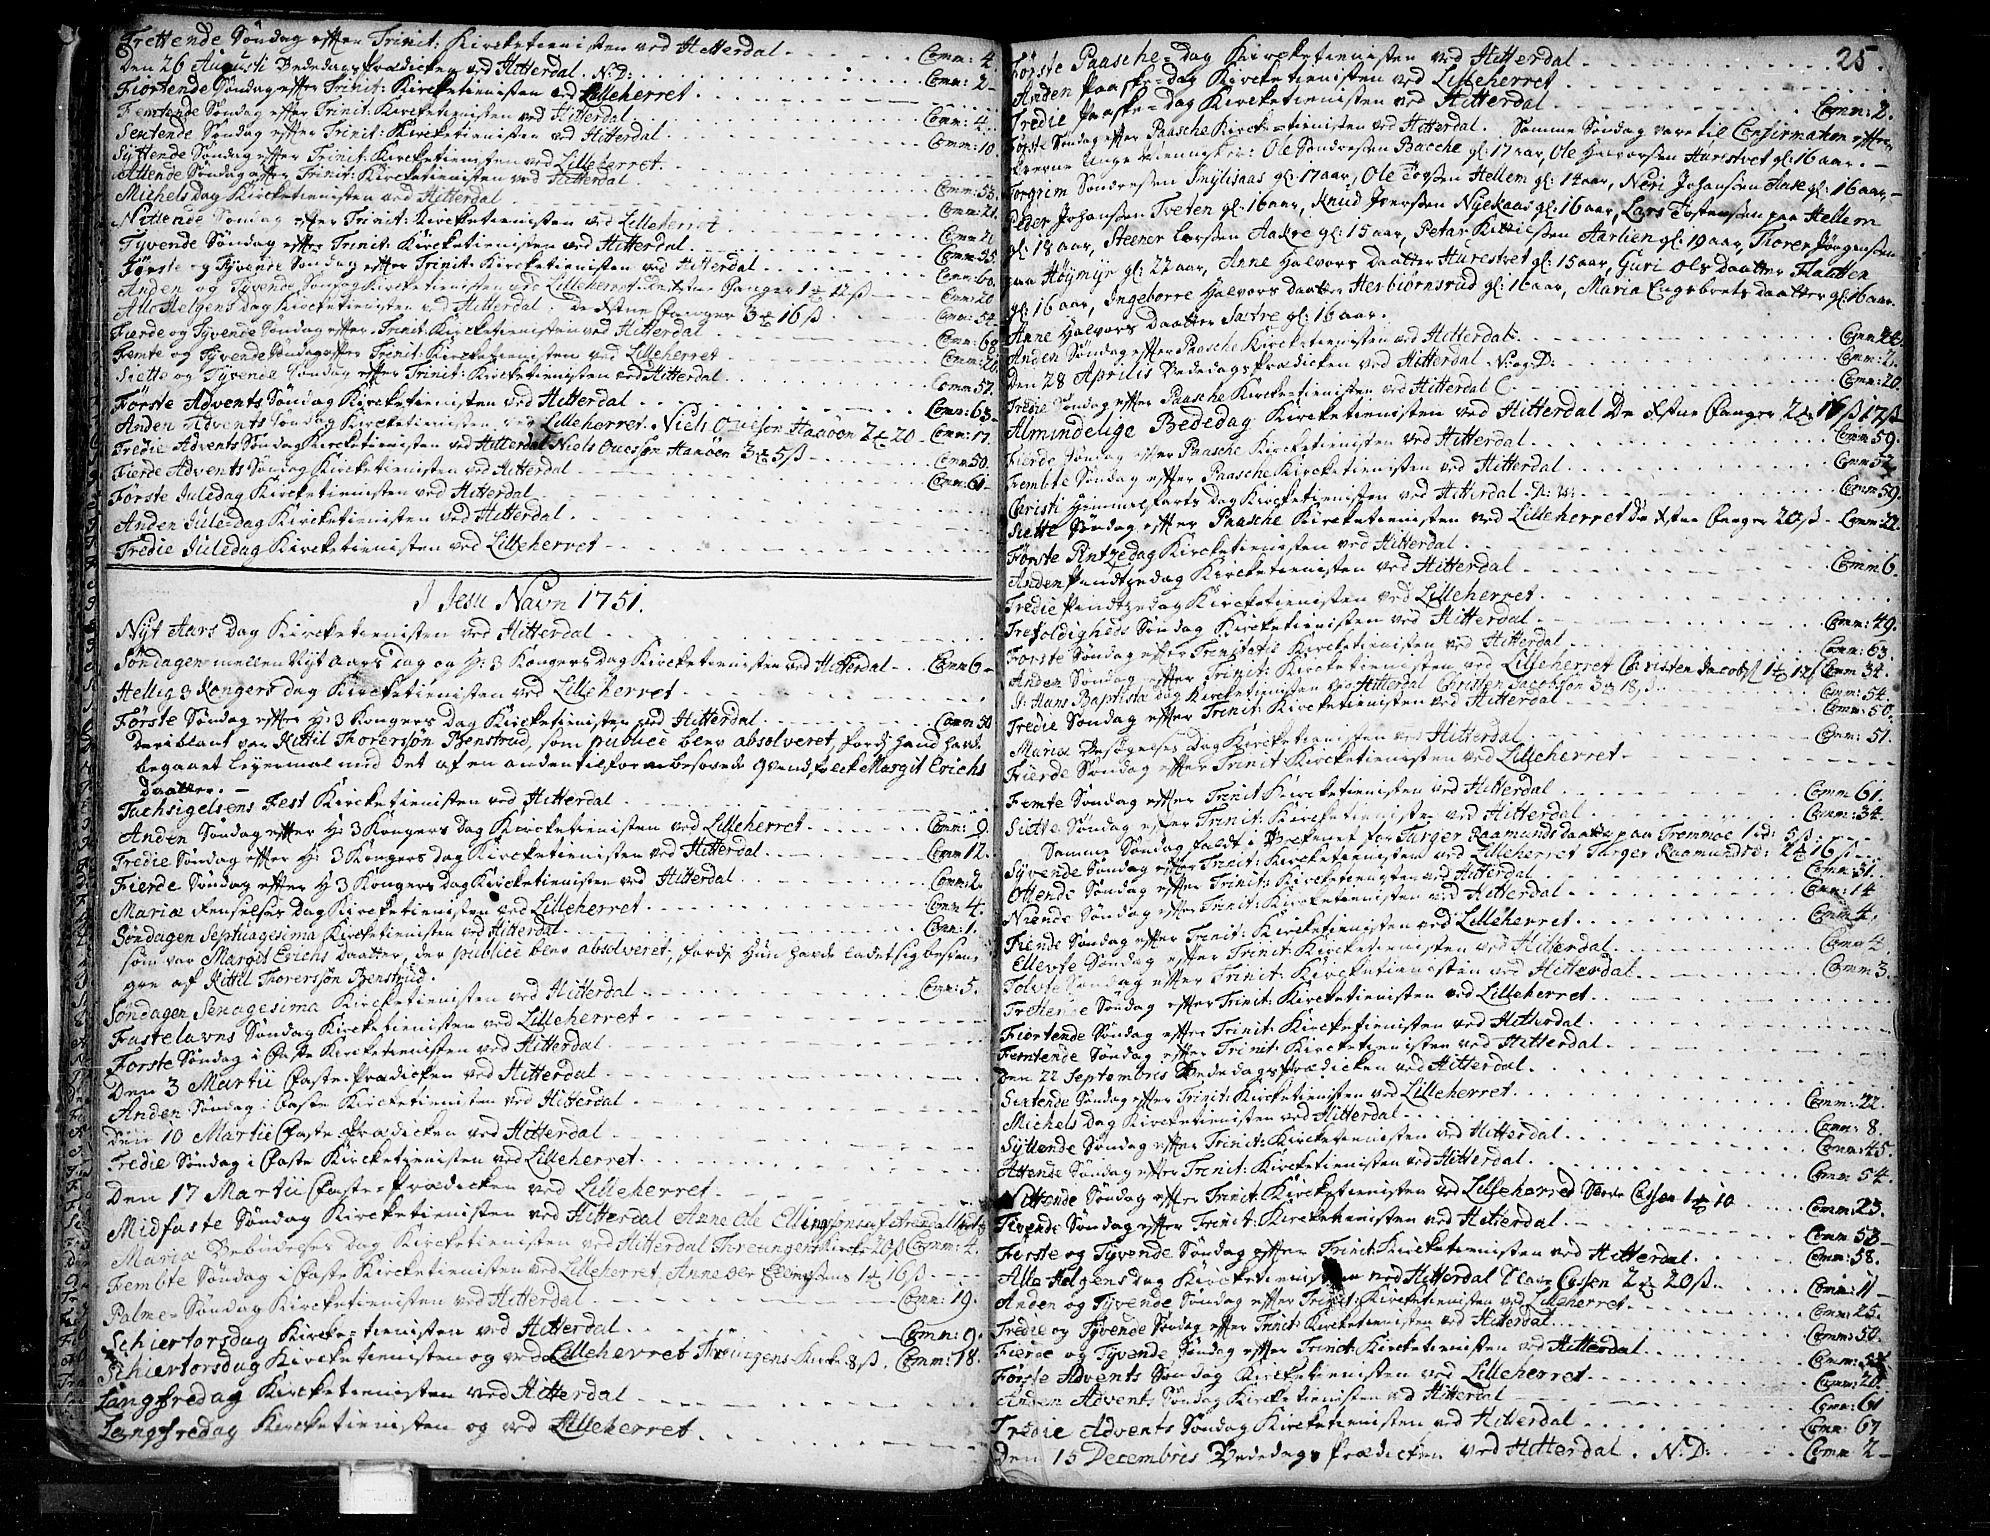 SAKO, Heddal kirkebøker, F/Fa/L0003: Ministerialbok nr. I 3, 1723-1783, s. 25